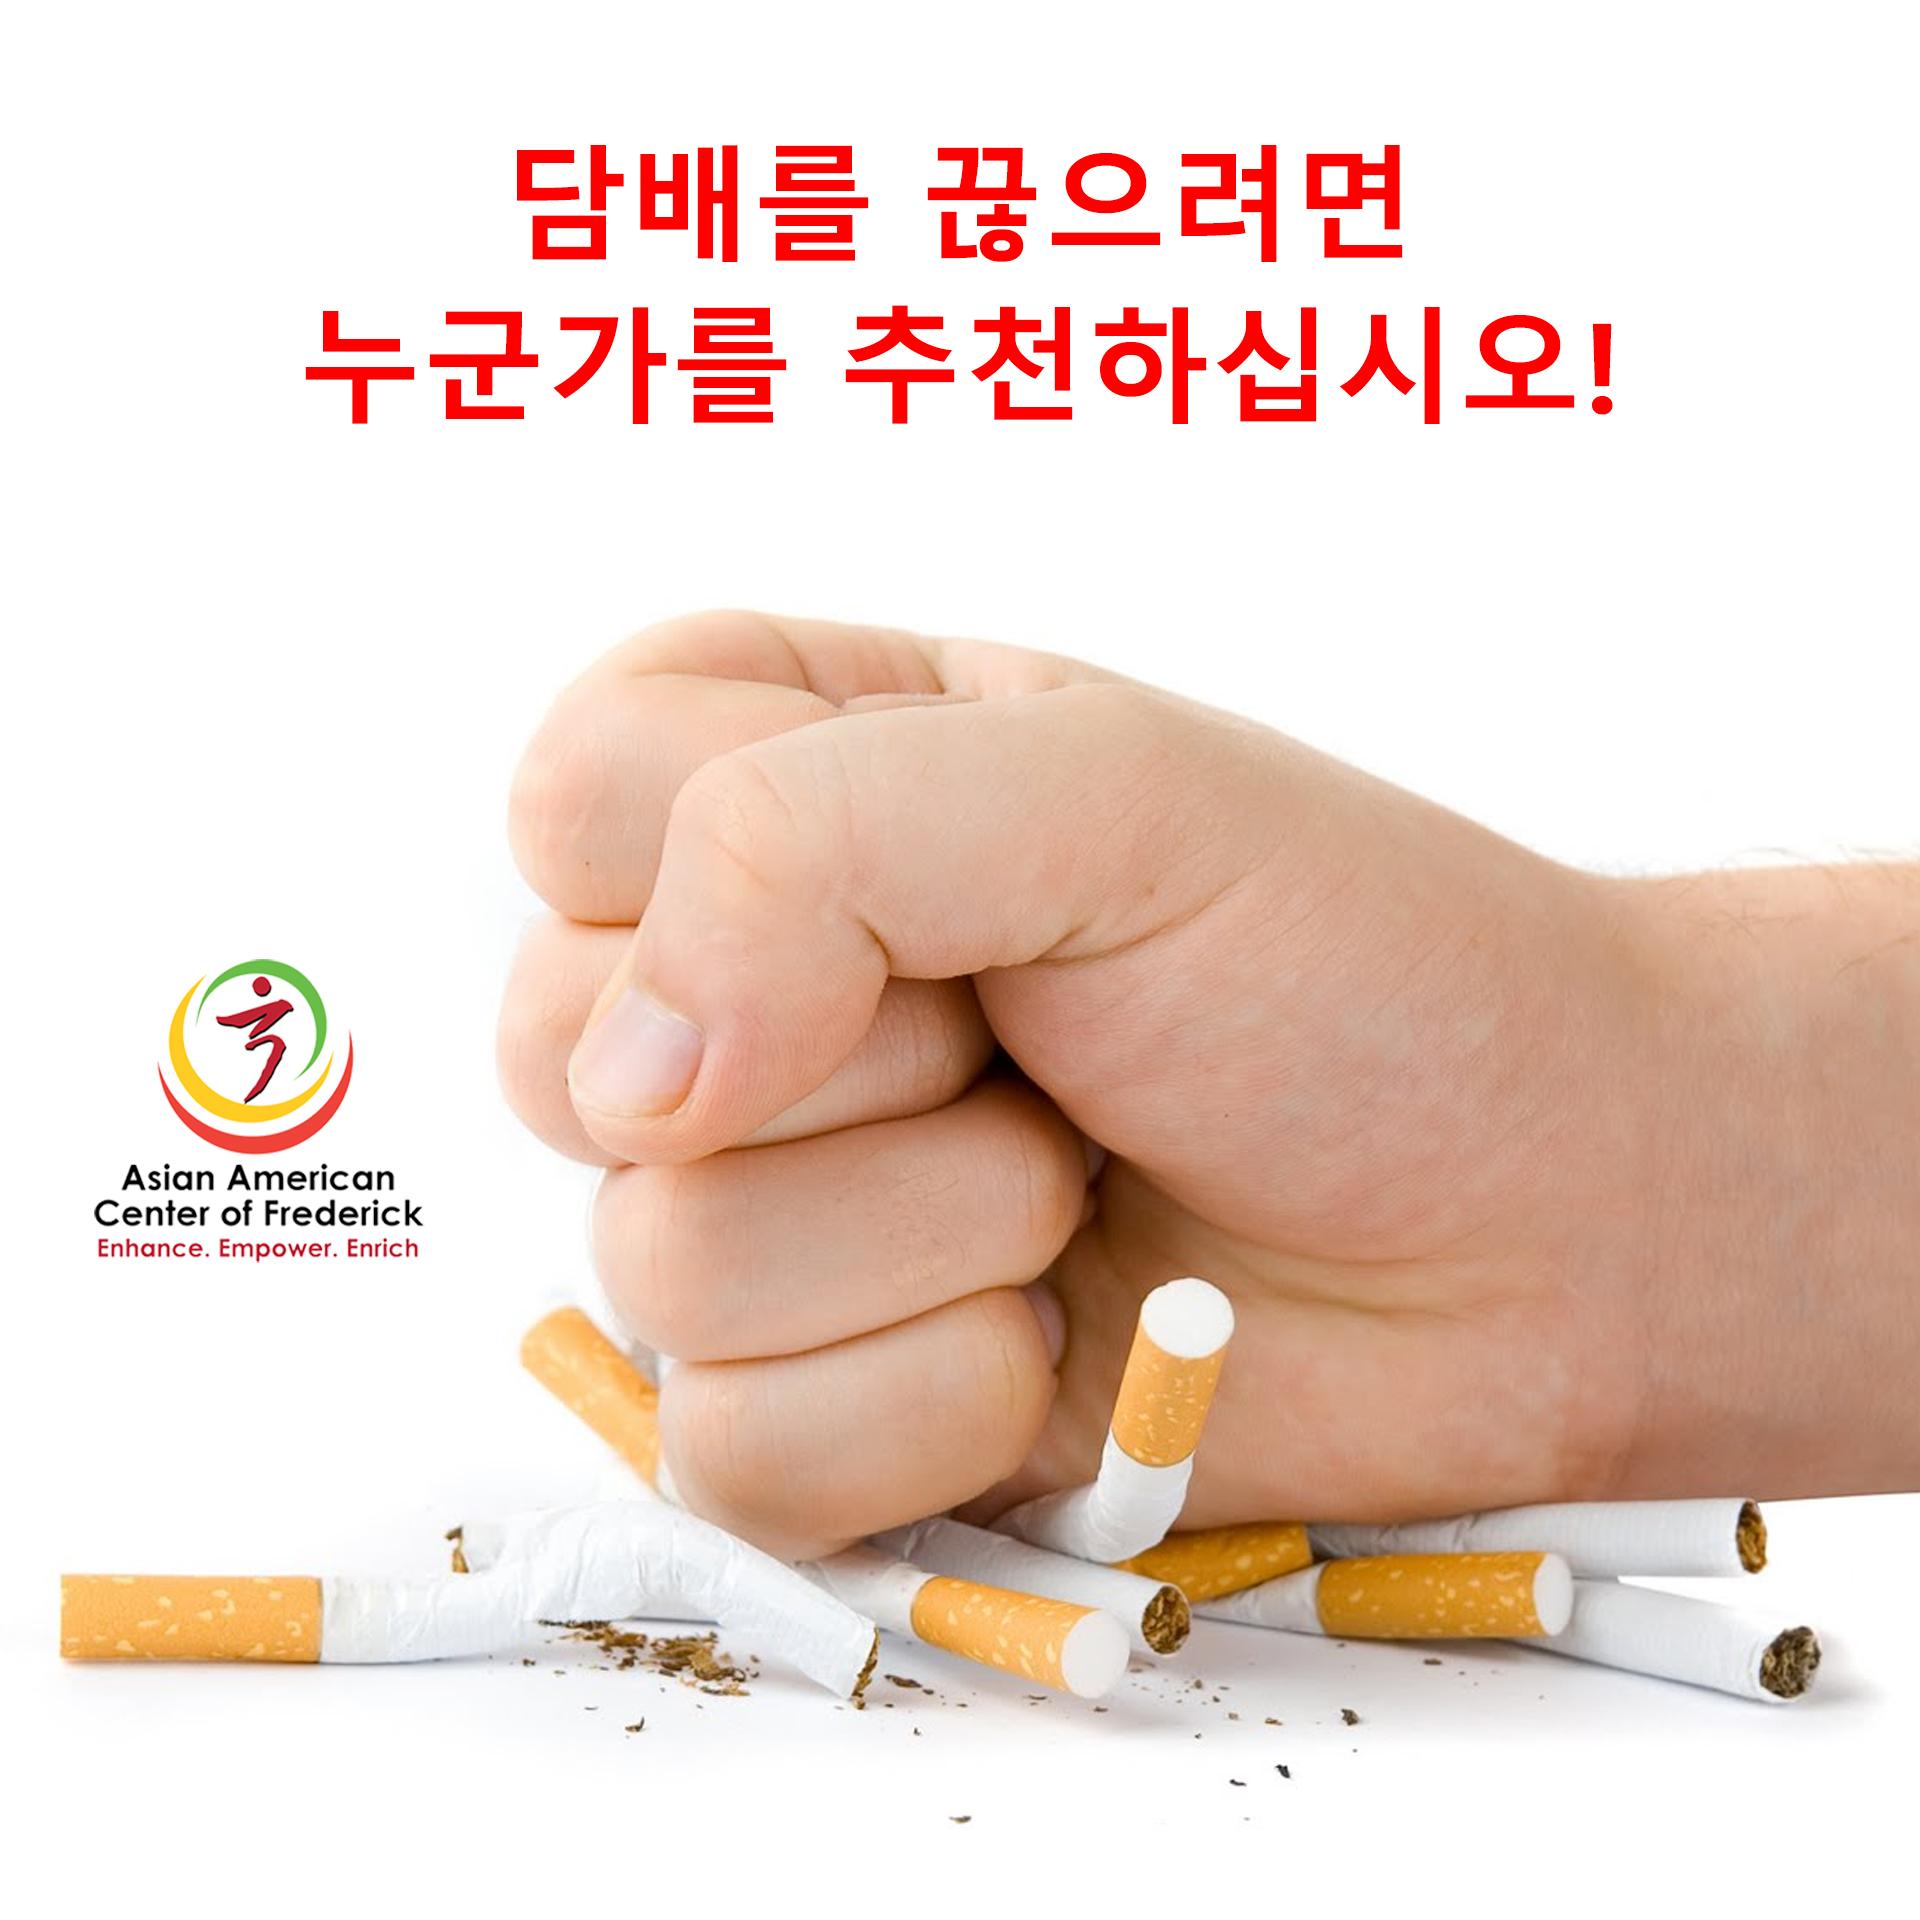 AACF - Korean ASIAN SMOKING